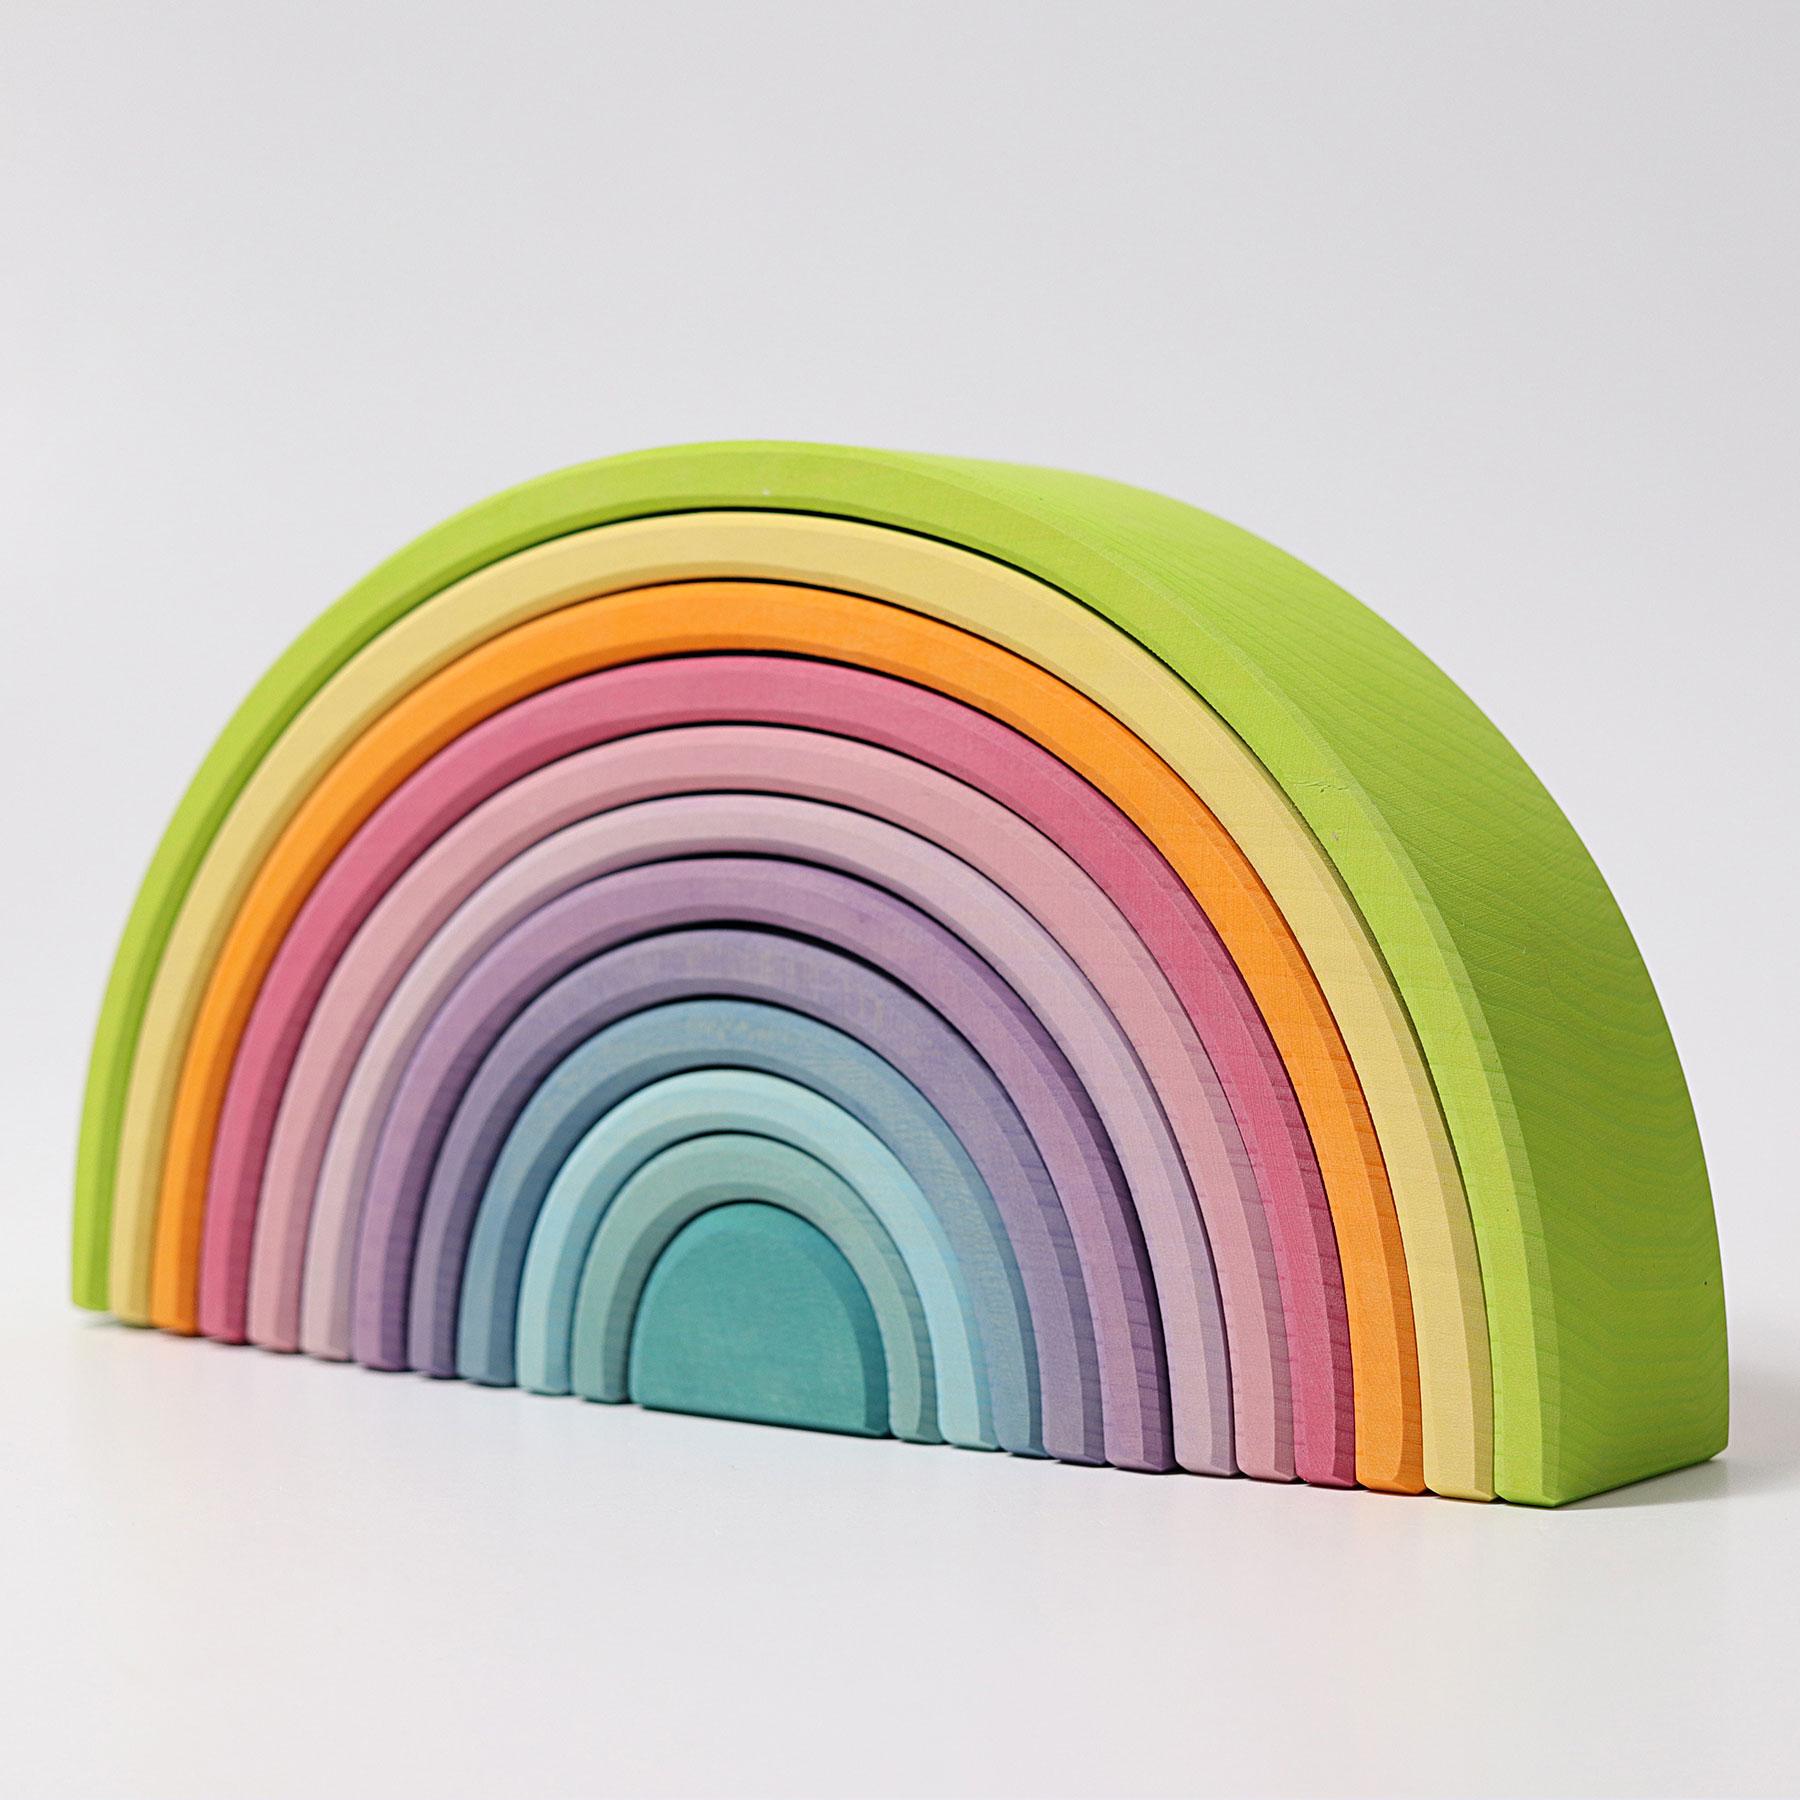 美しい色彩が子どもの創作やデザインの能力を刺激 パステルアーチ GRIMM'S 割り引き 大グリムス社 スーパーセール期間限定